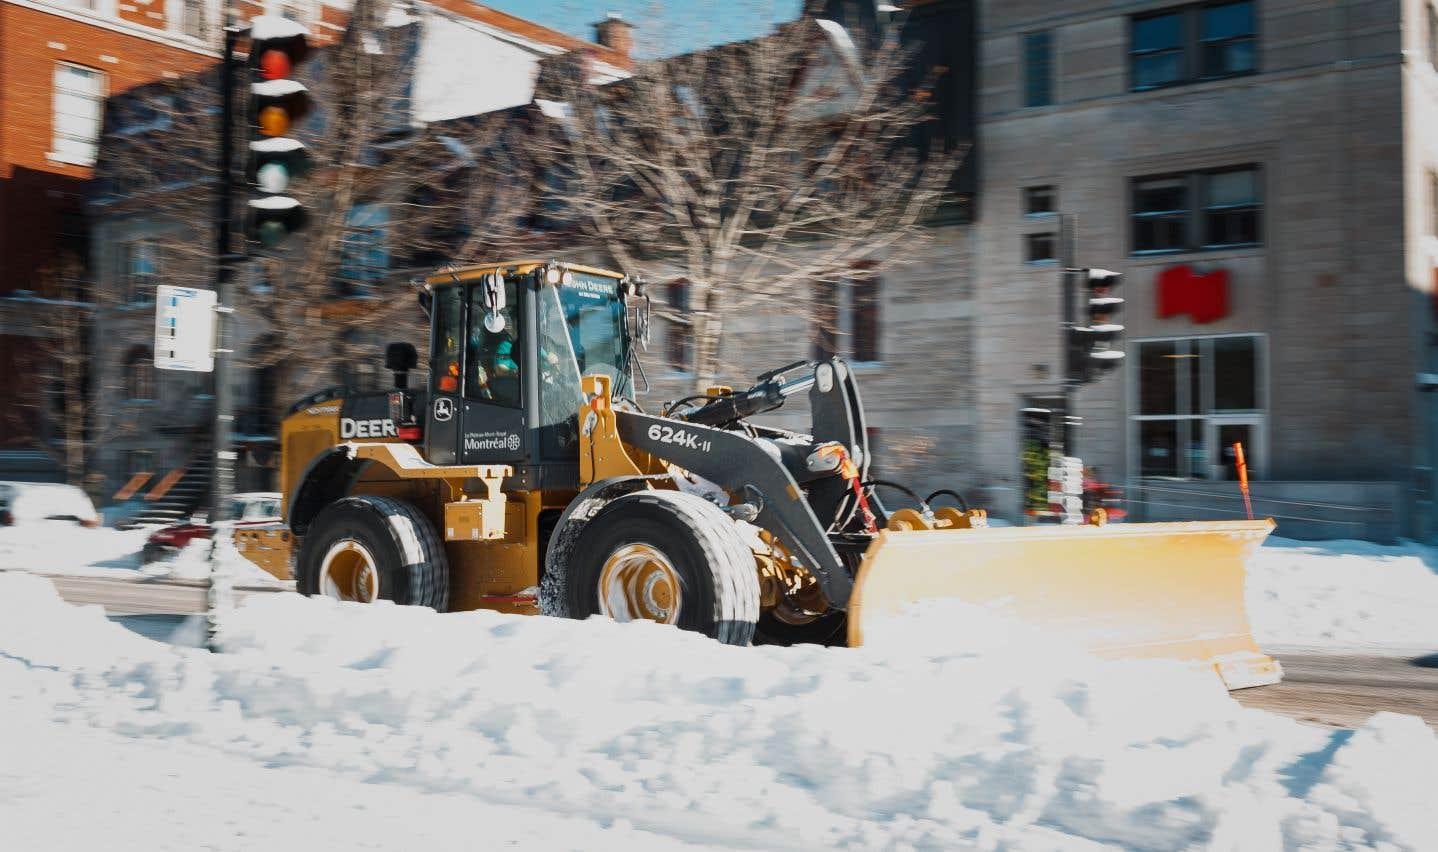 La Ville de Montréal demande aux automobilistes de respecter les interdictions de stationner afin de permettre à ses employés de charger la neige le plus rapidement possible.